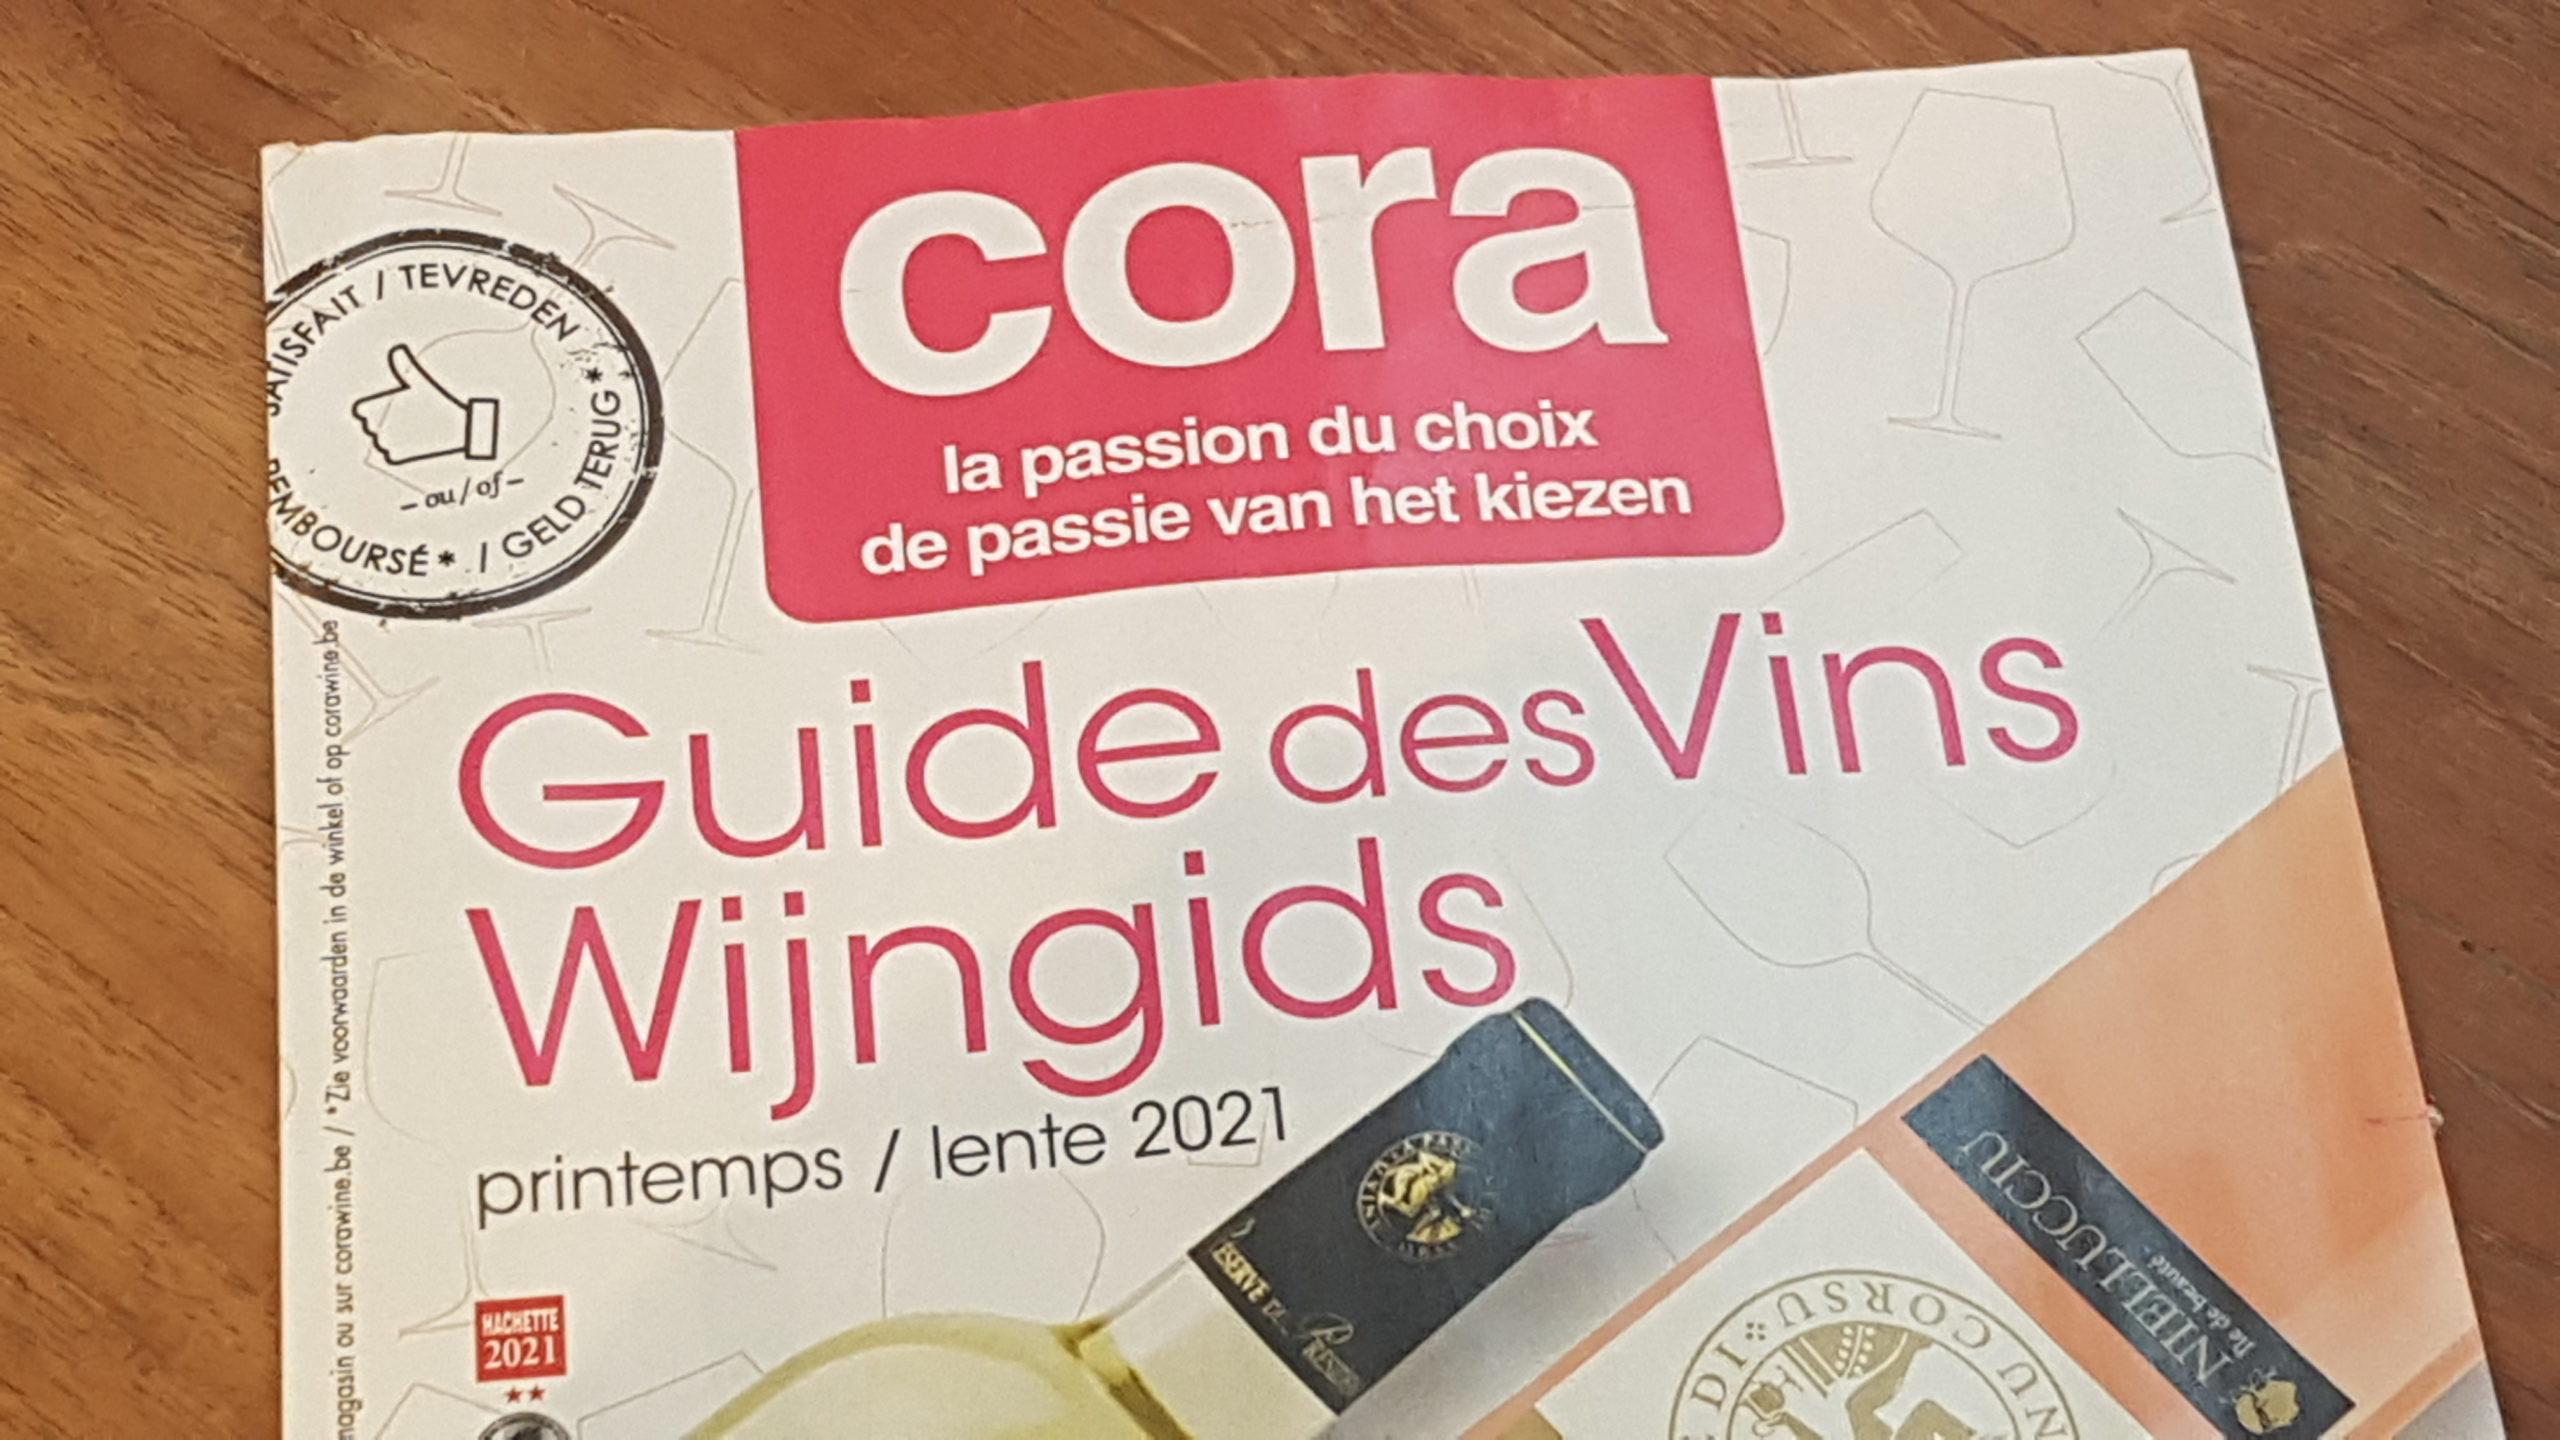 Foire aux vins de Printemps Cora | La sélection Vinogusto